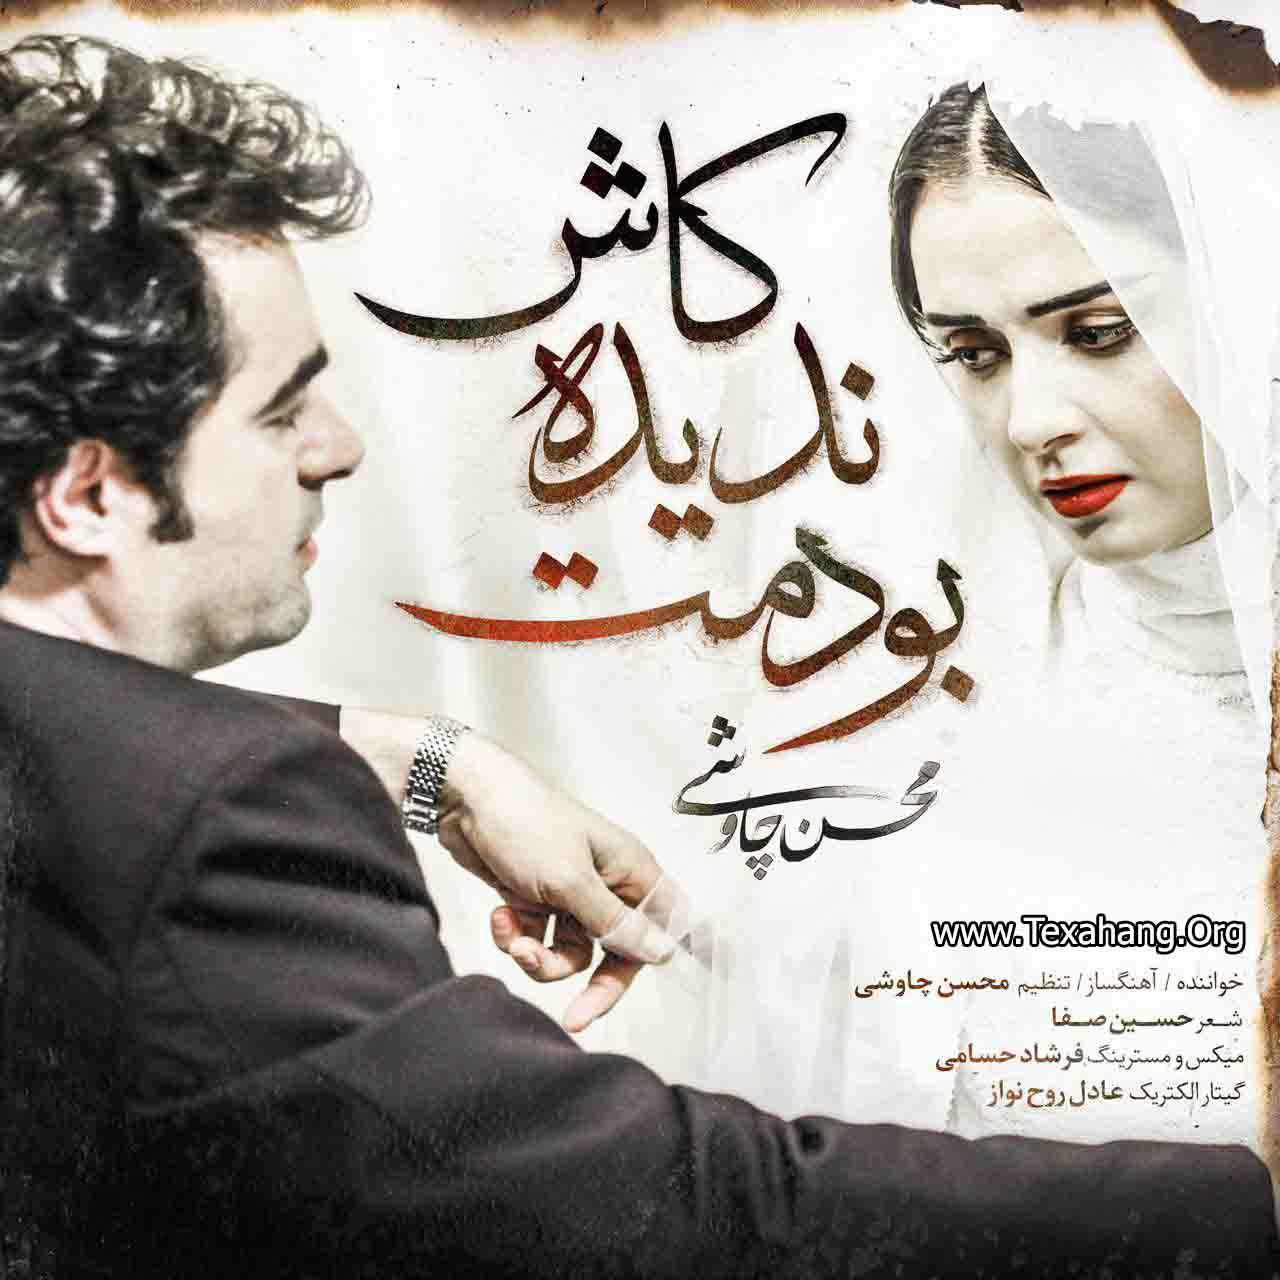 متن آهنگ کاش ندیده بودمت محسن چاوشی